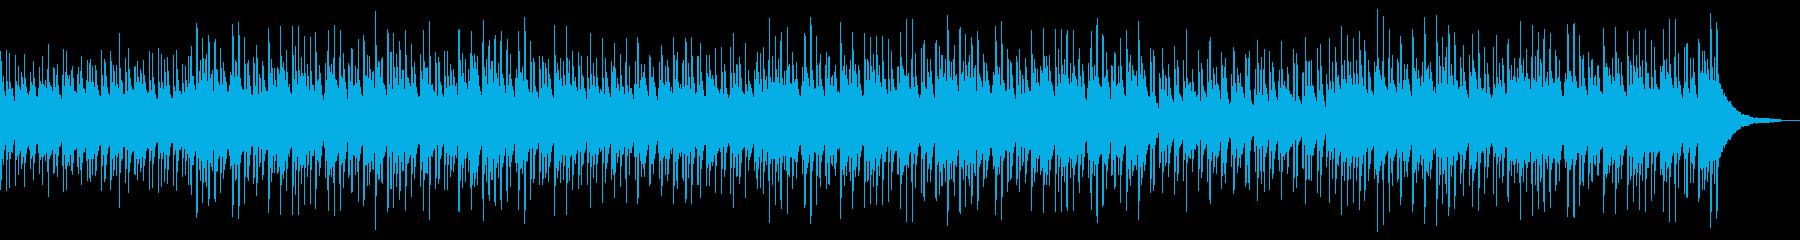 ウクレレ、ピアノ、ギターの明るい楽曲の再生済みの波形